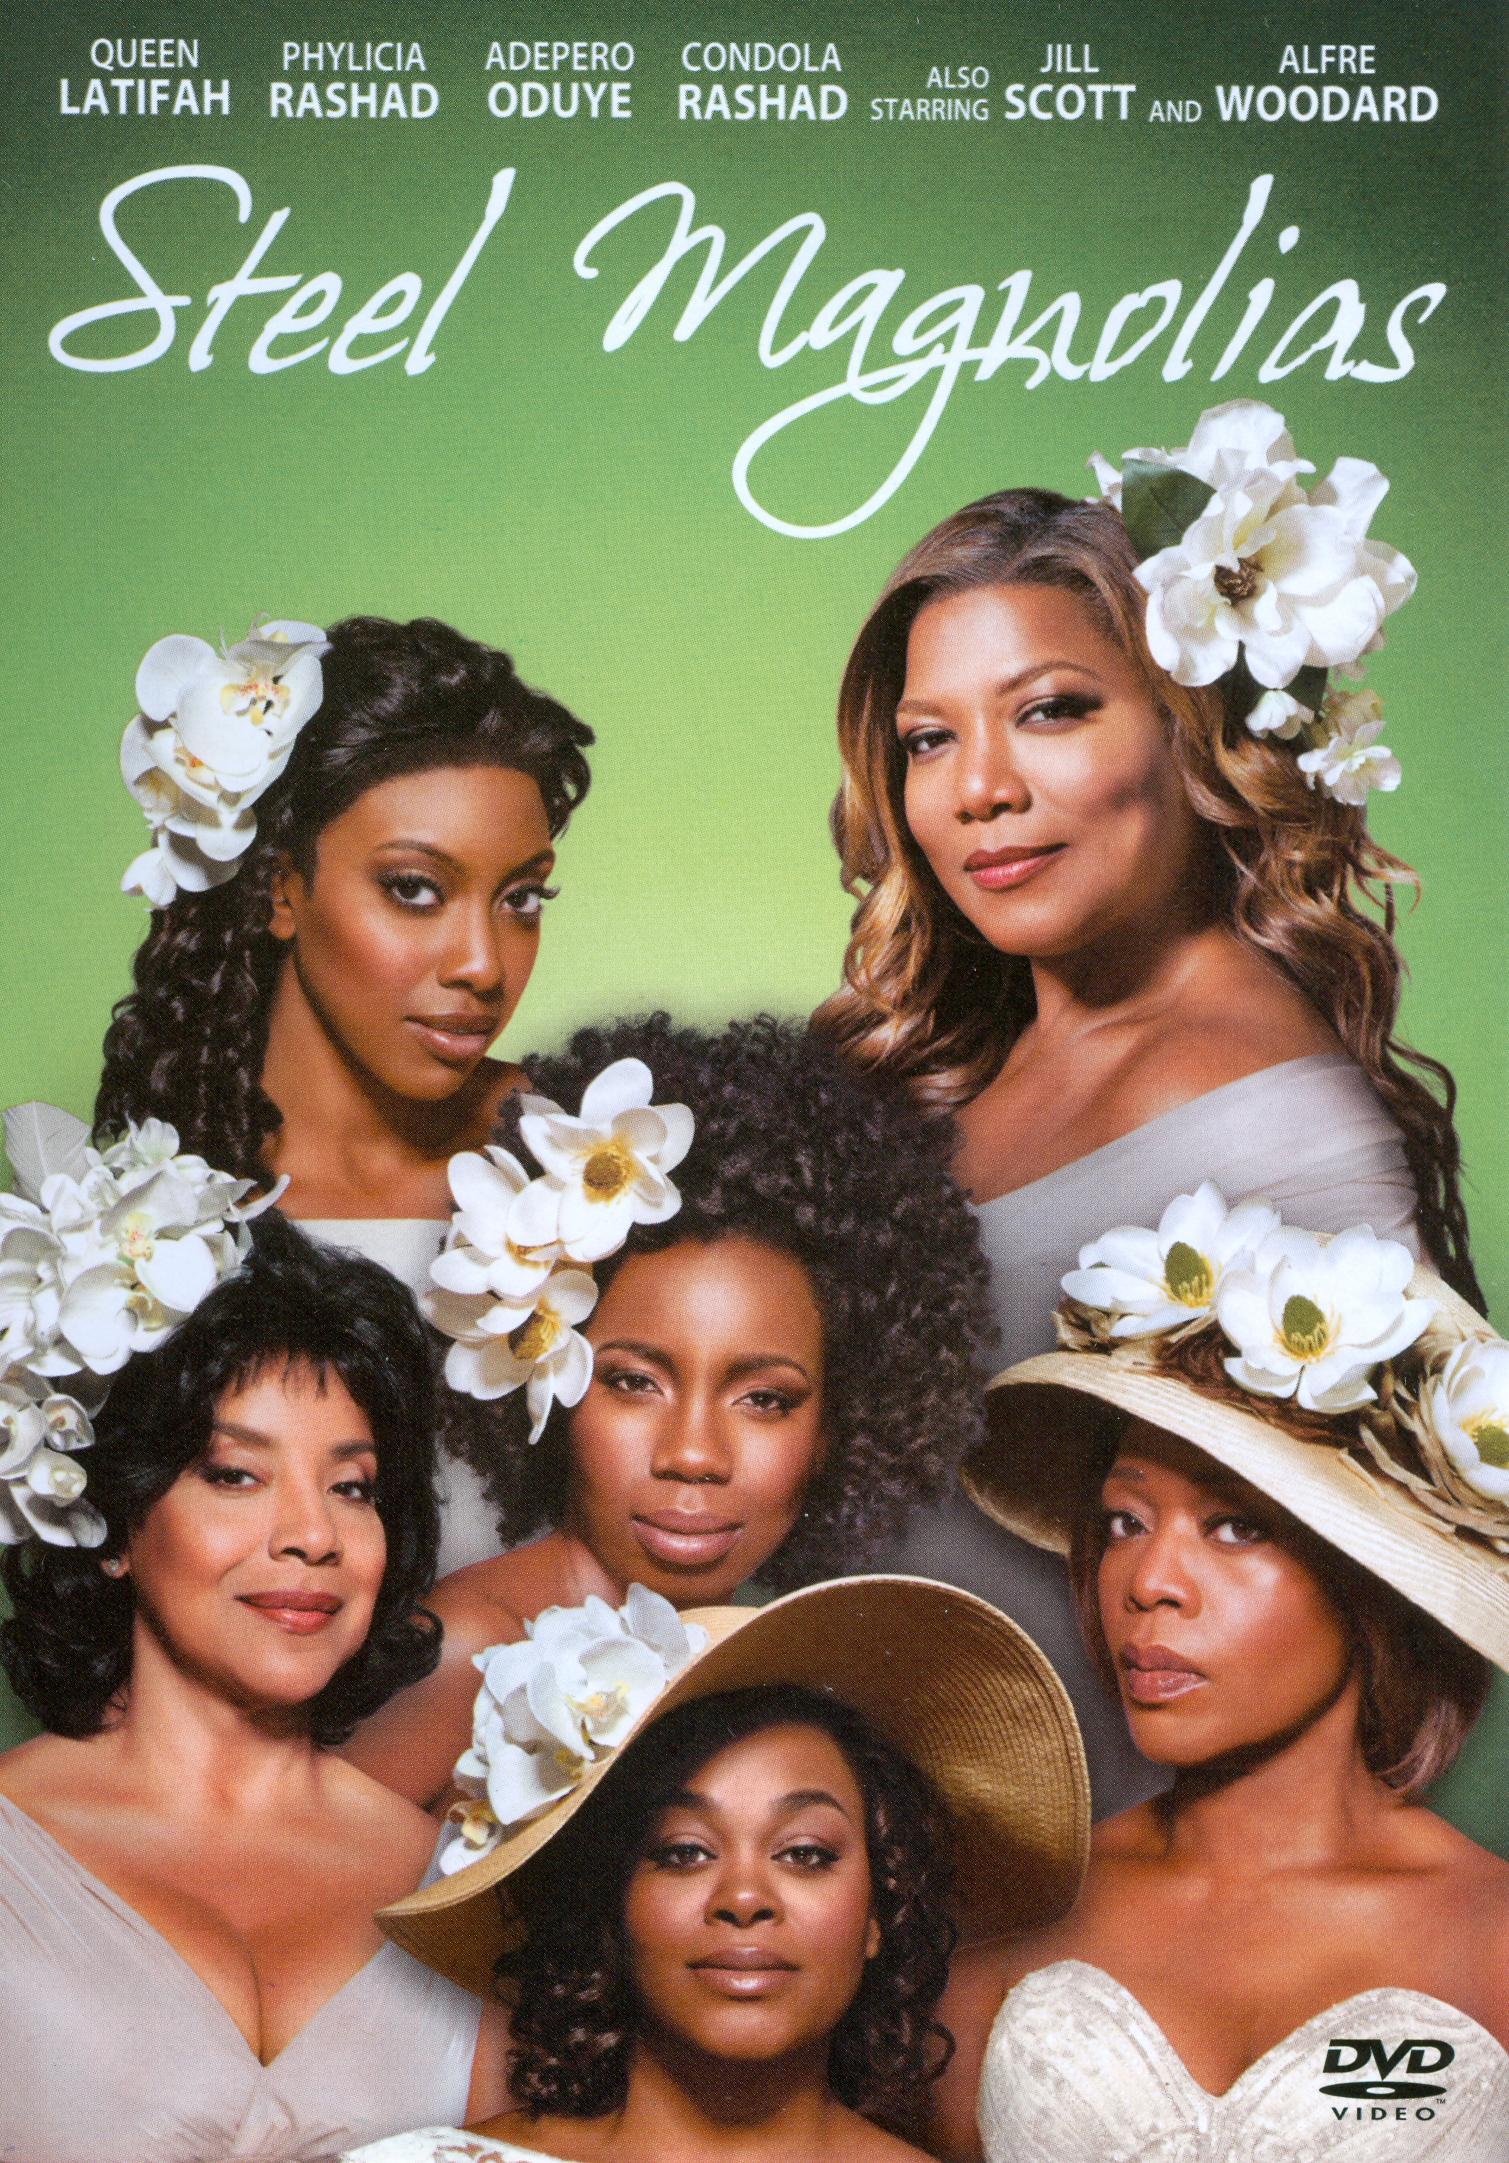 Steel Magnolias [includes Digital Copy] [ultraviolet] (dvd) 21092696